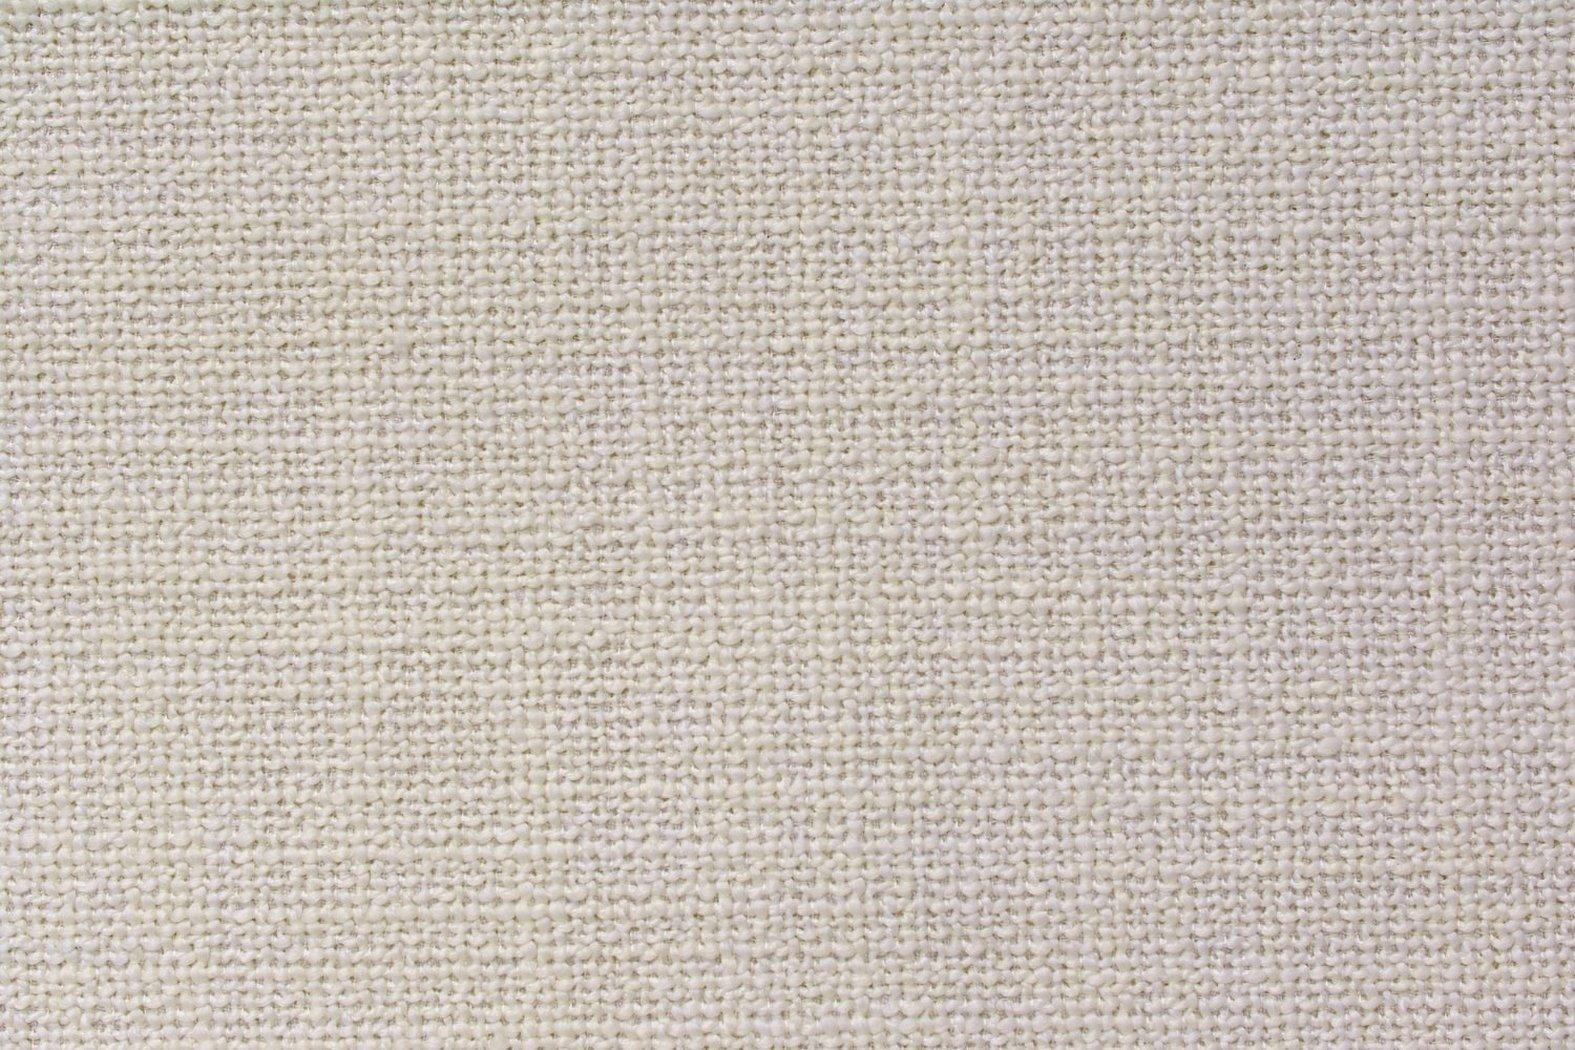 Ткань рогожка текстура бесшовная